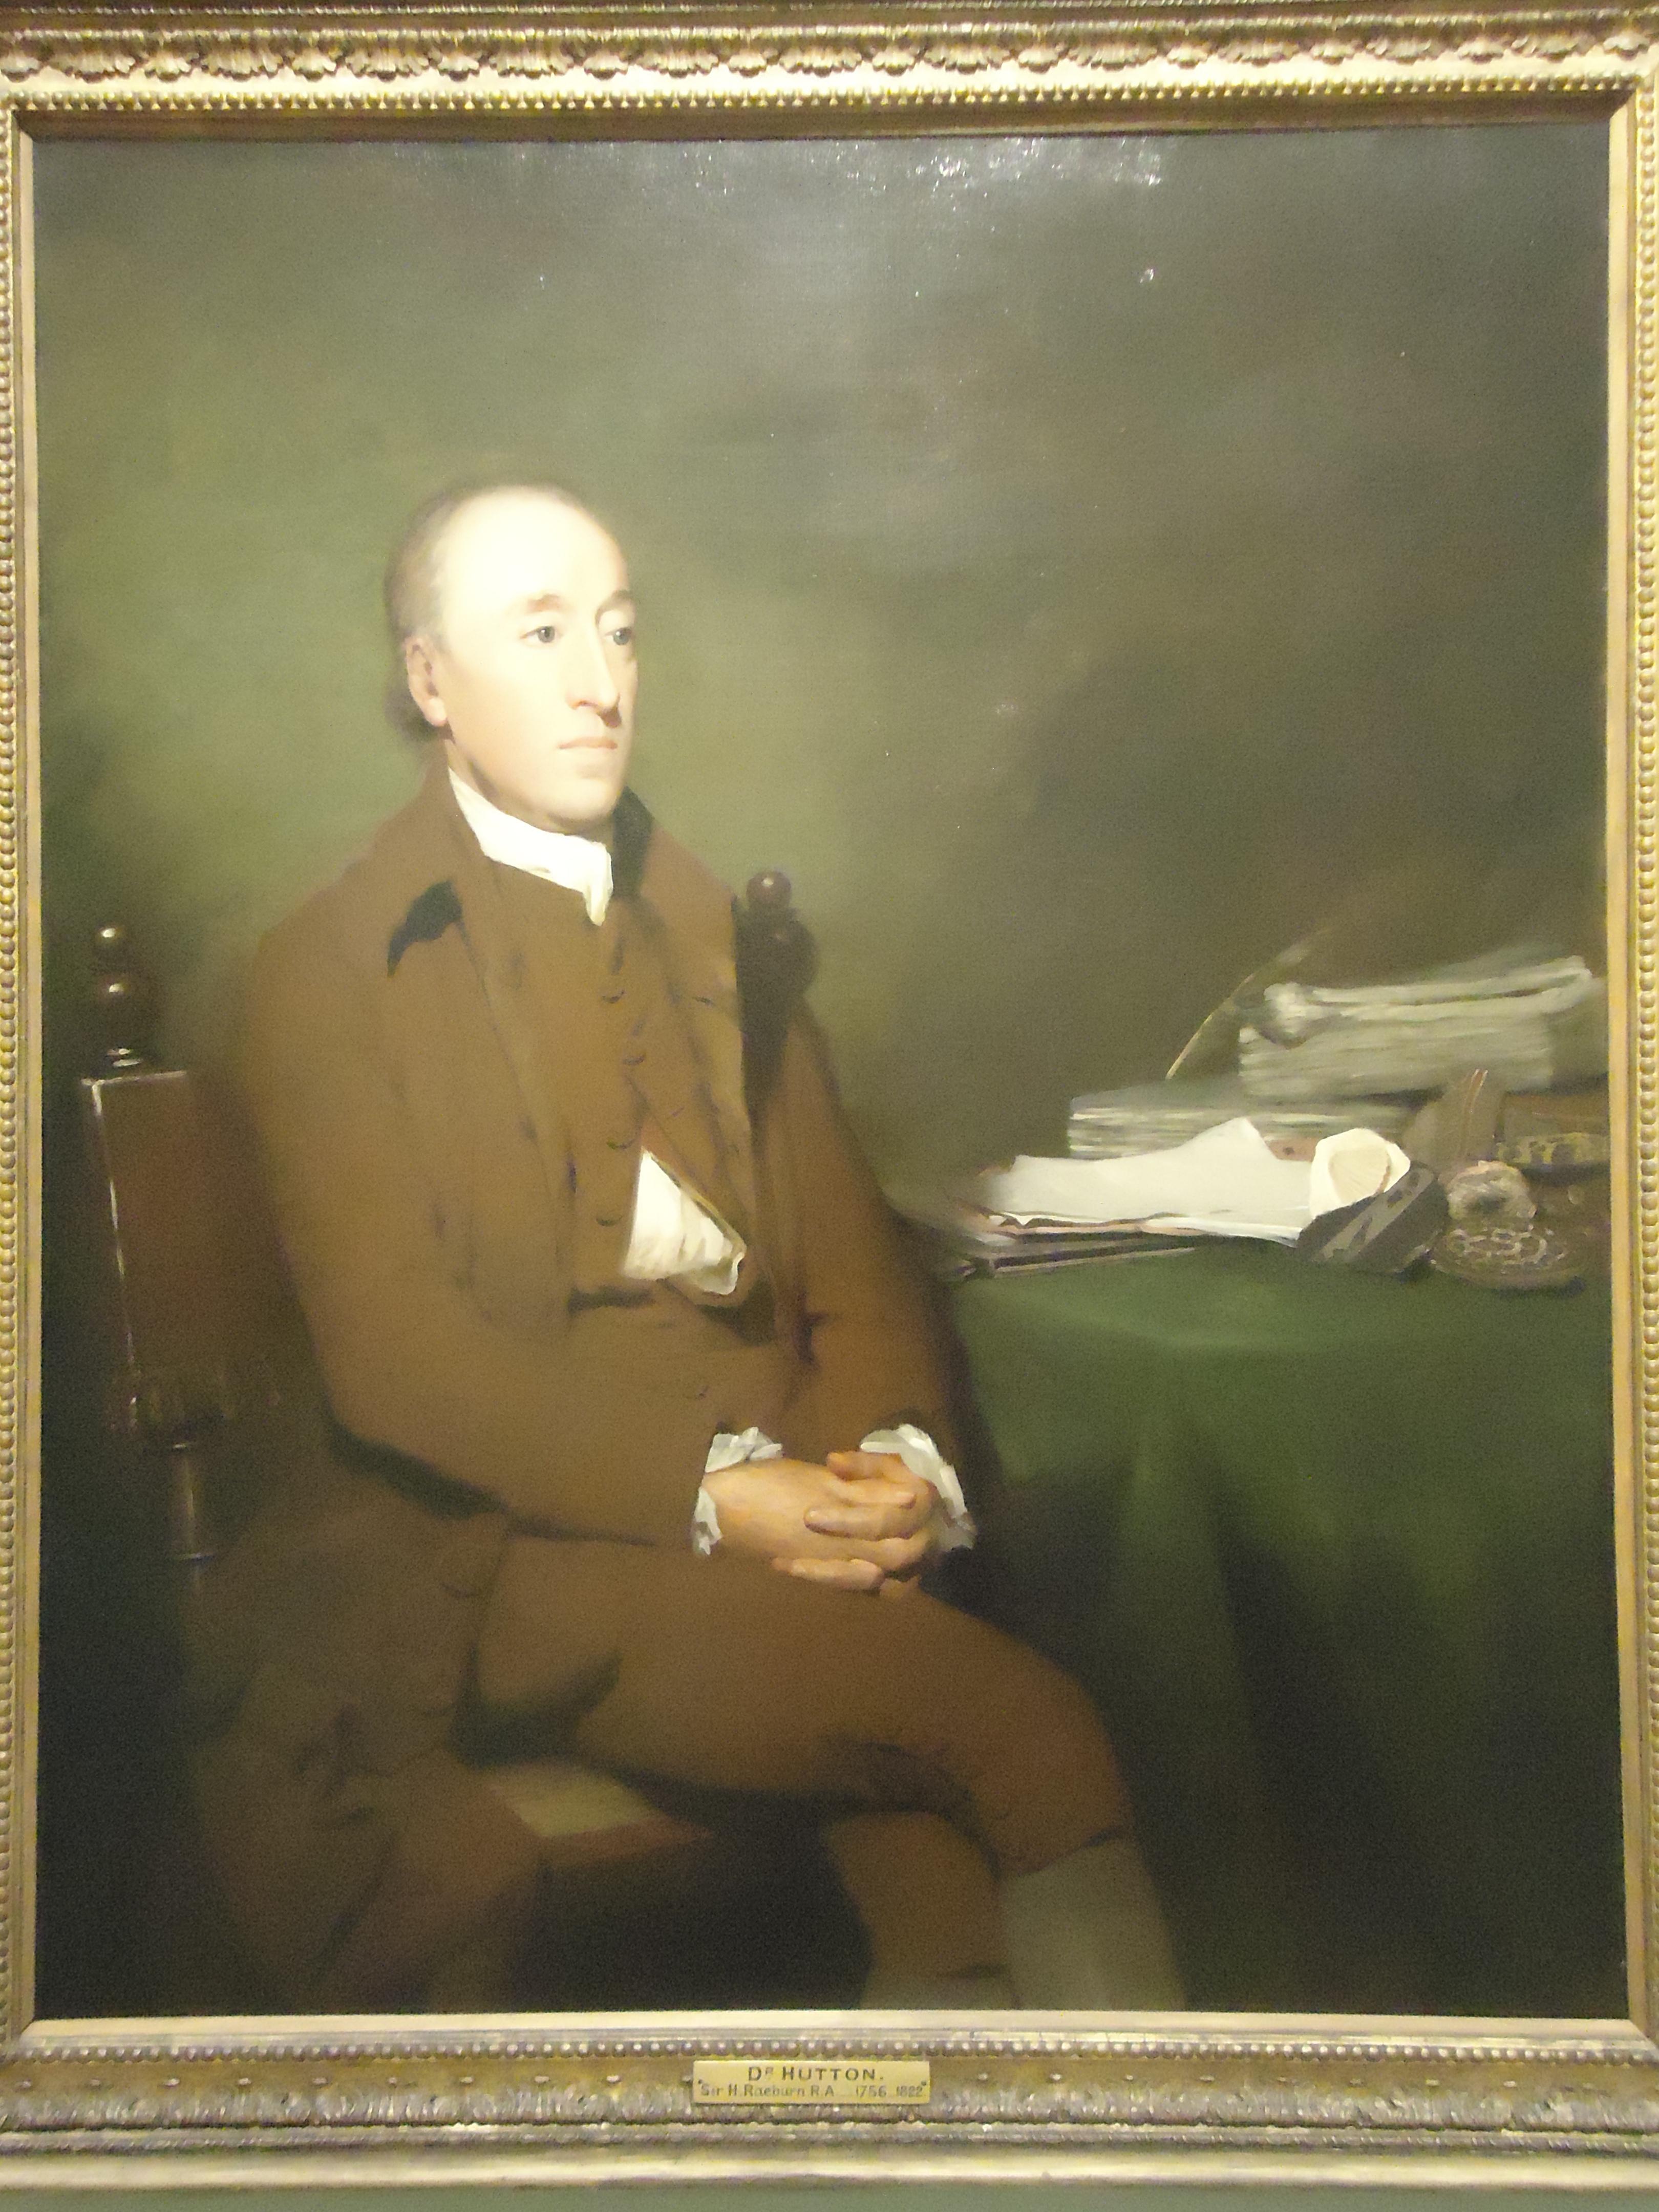 james Hutton - Raeburn - 1785-90 - HandBound Costumes